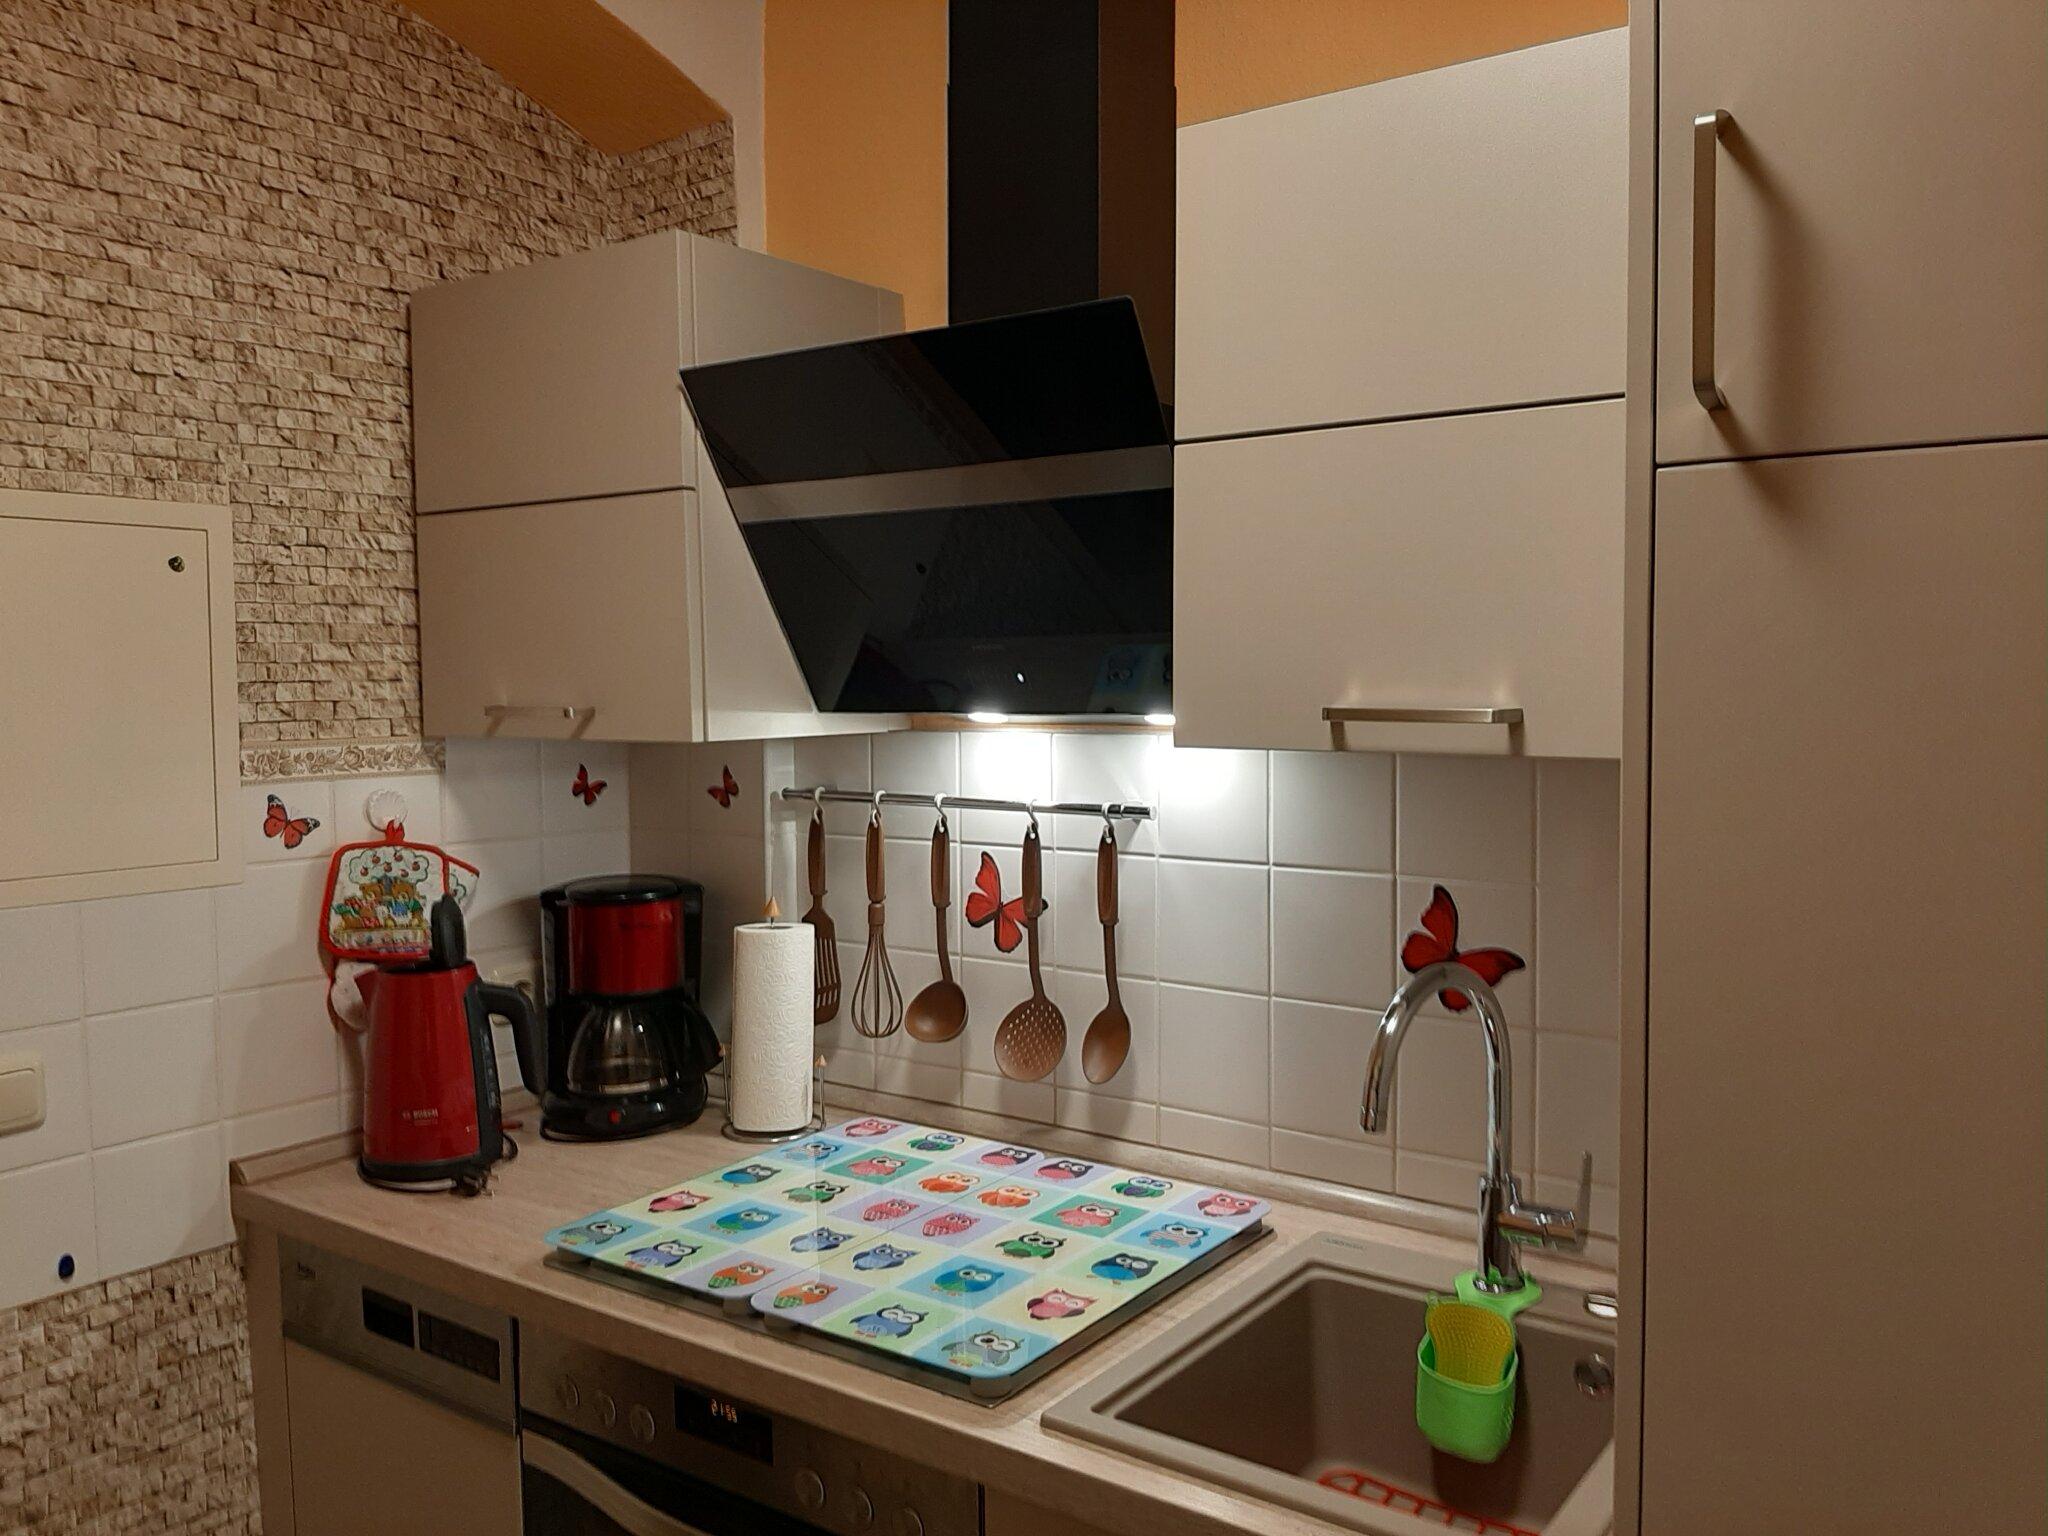 Einbauküche Wohnung Erdgeschoss